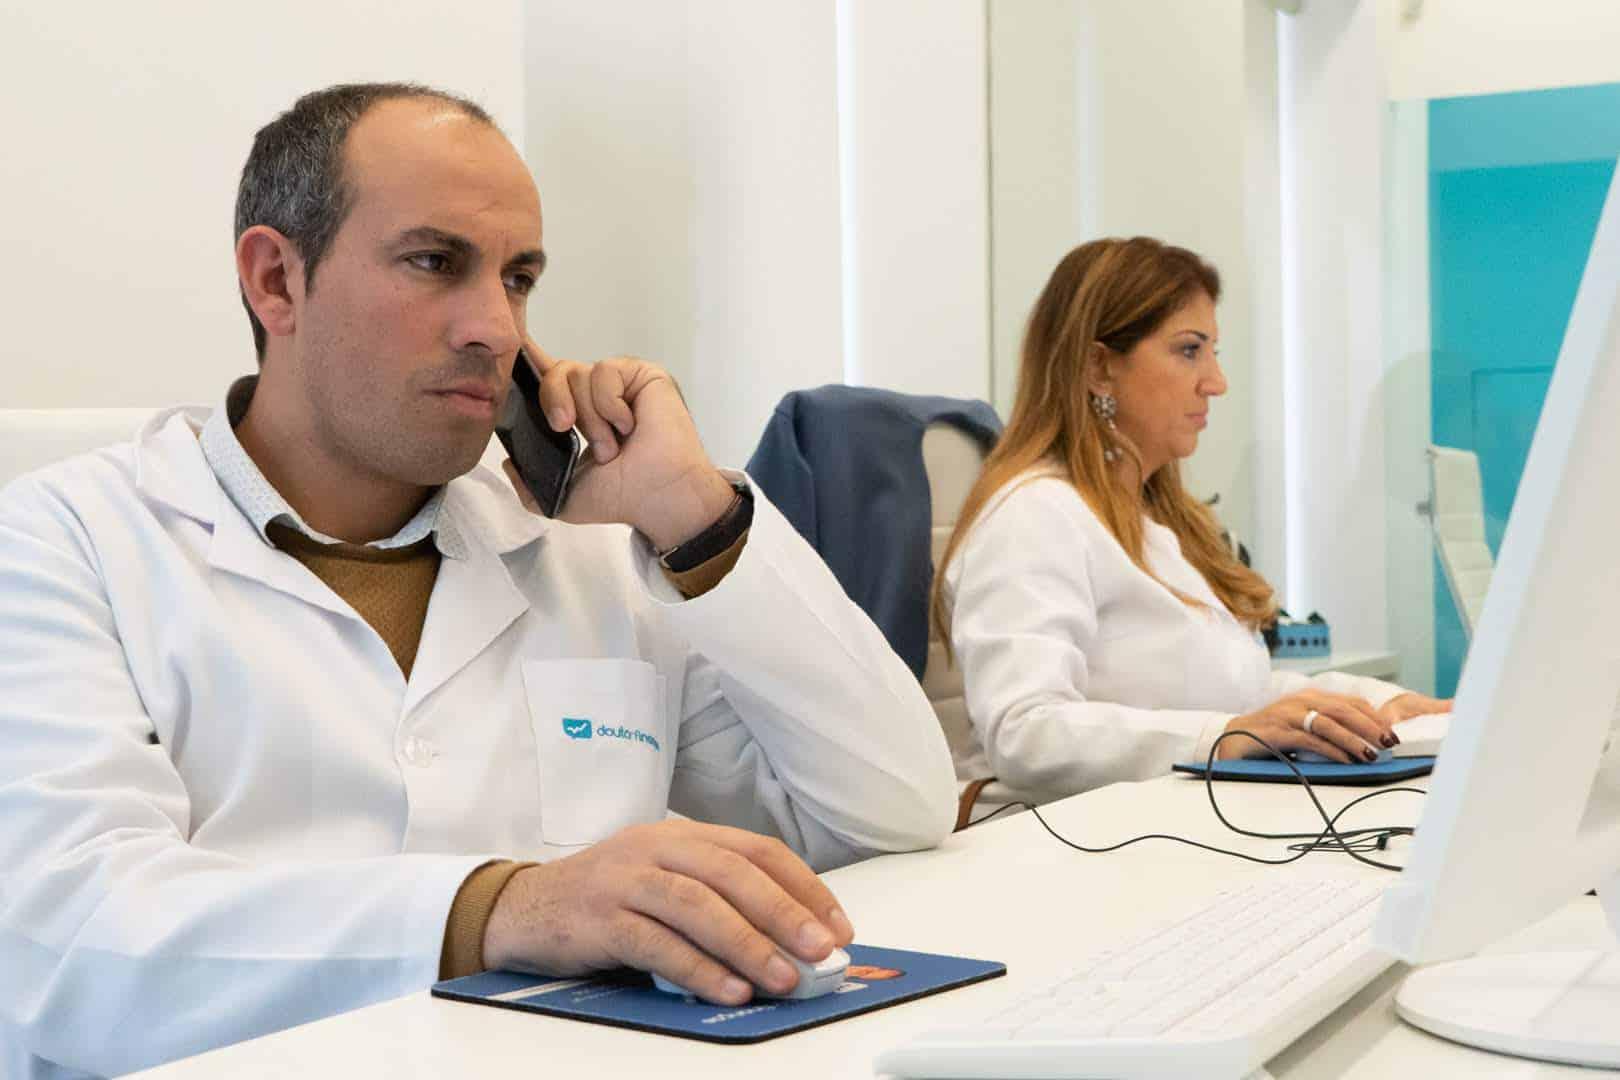 Clinica Doutor Finanças